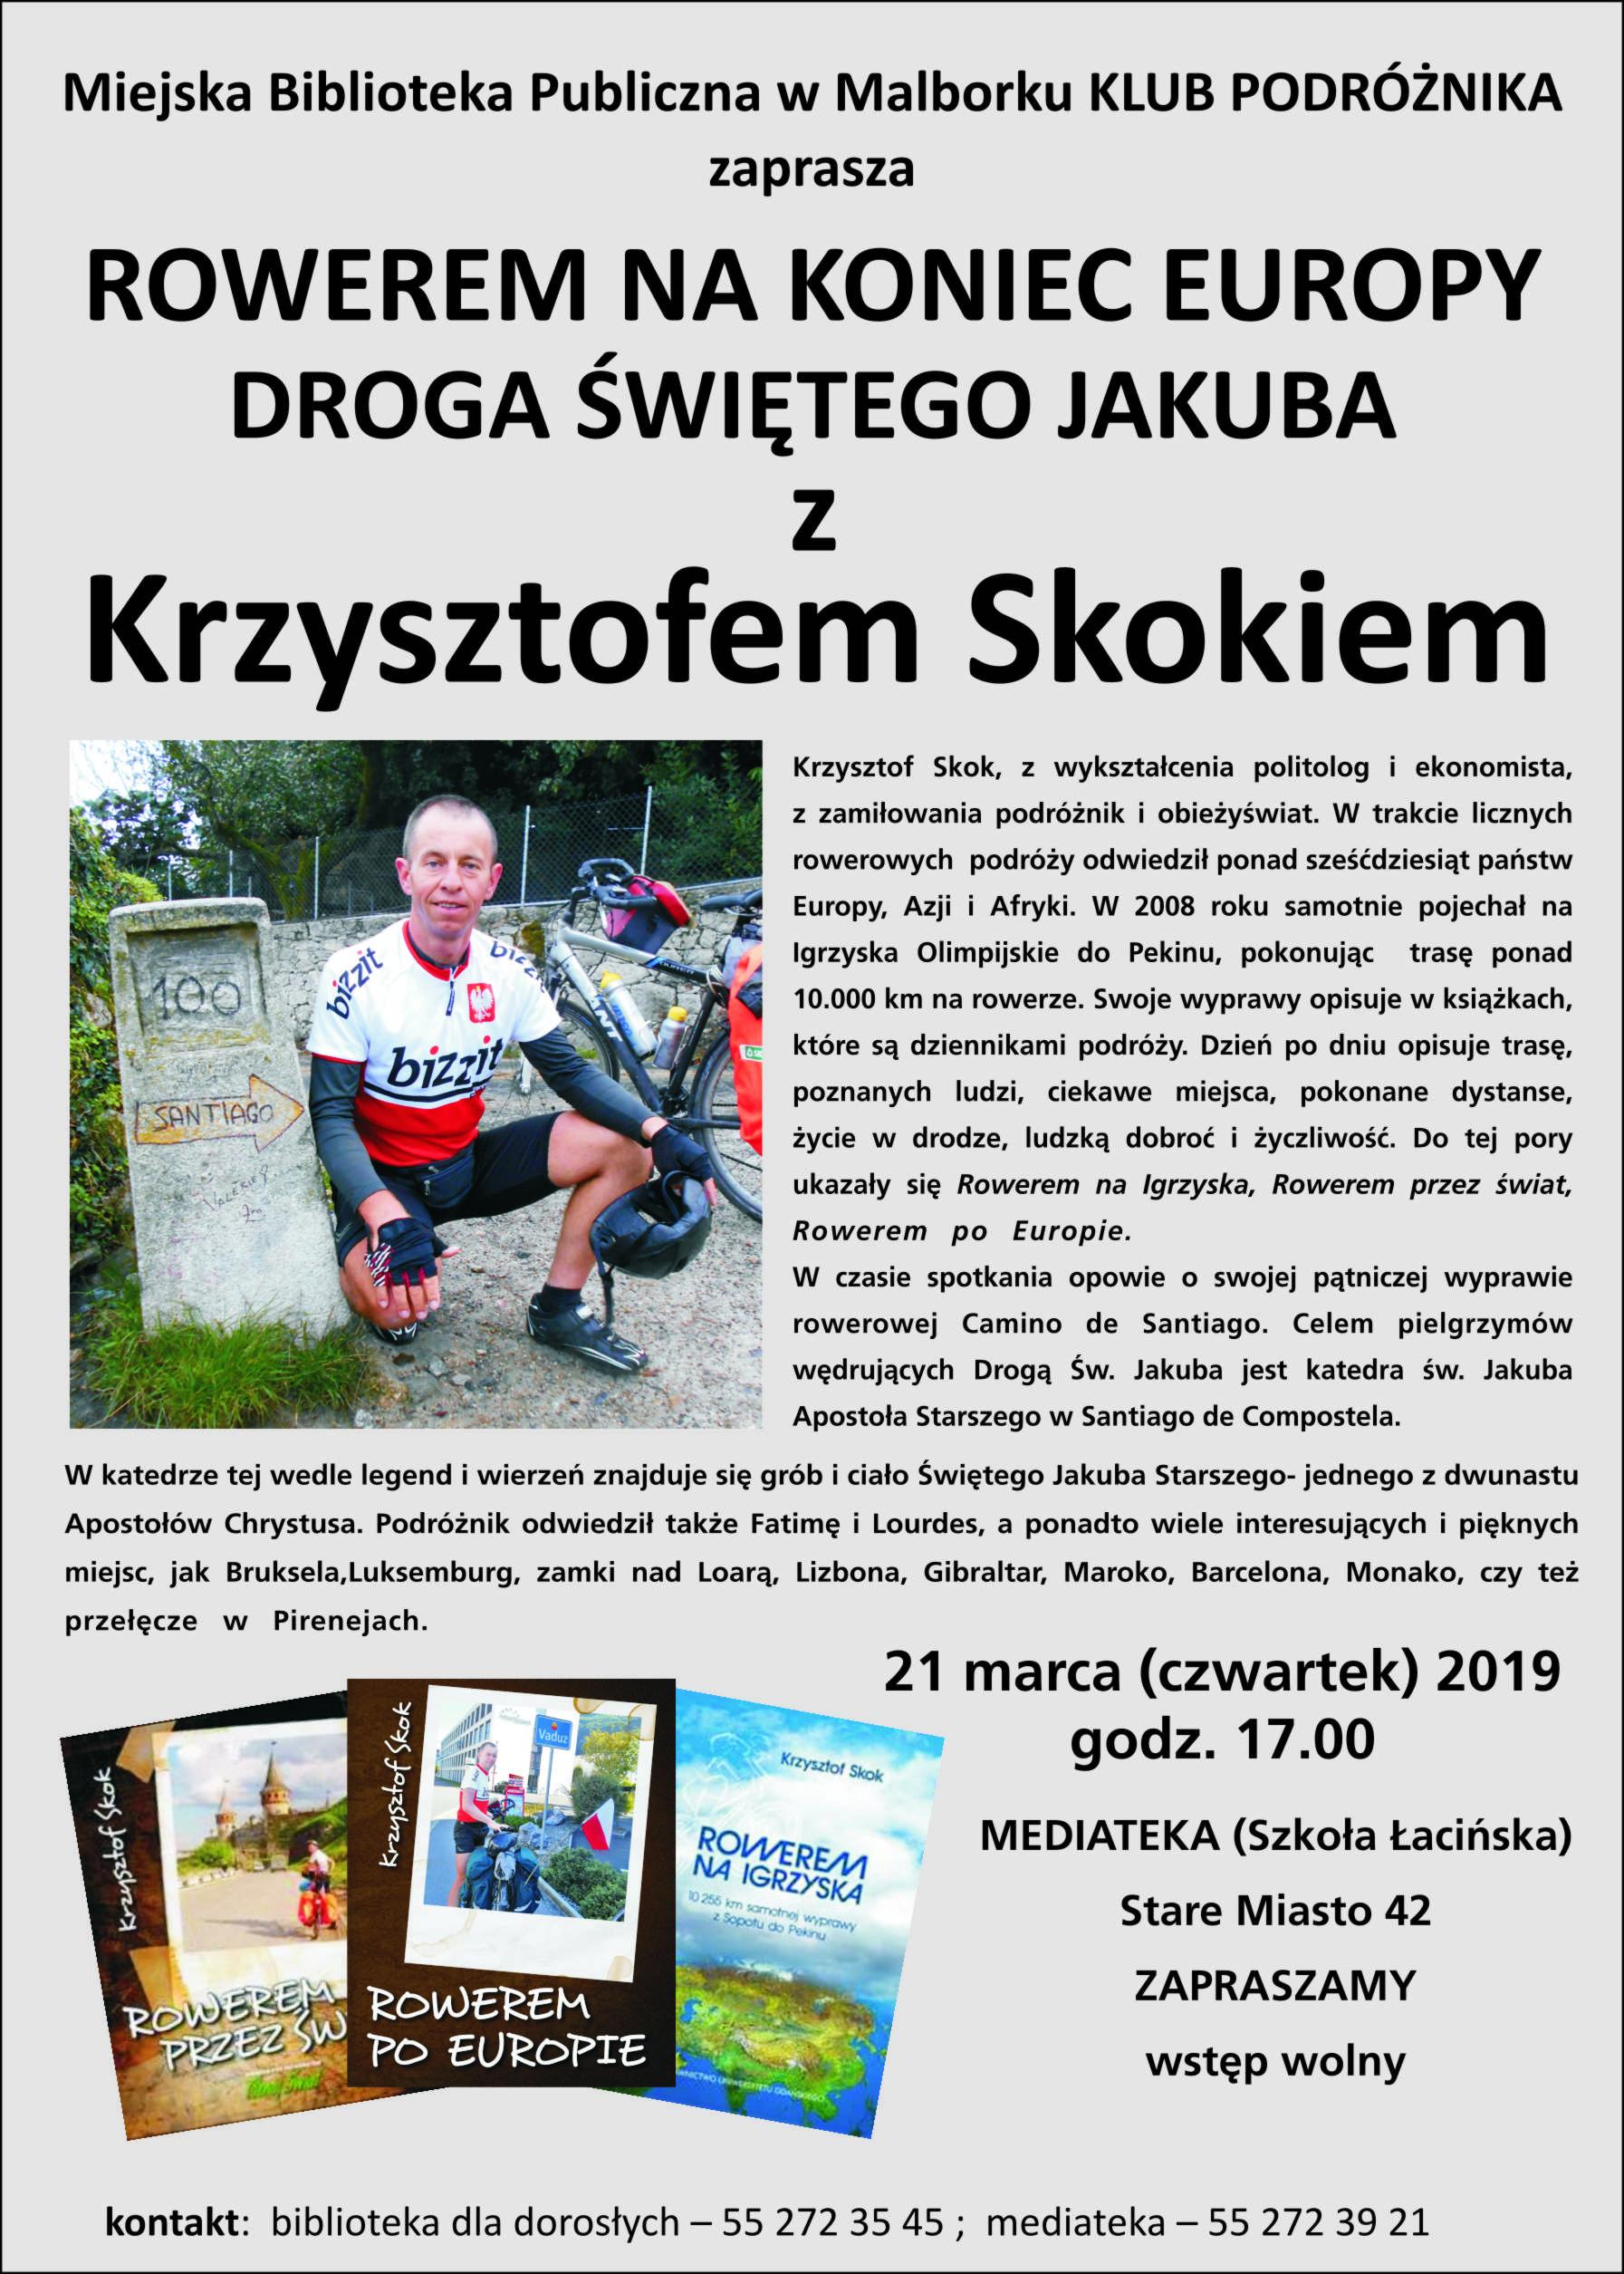 http://m.82-200.pl/2019/03/orig/skok-4228.jpg